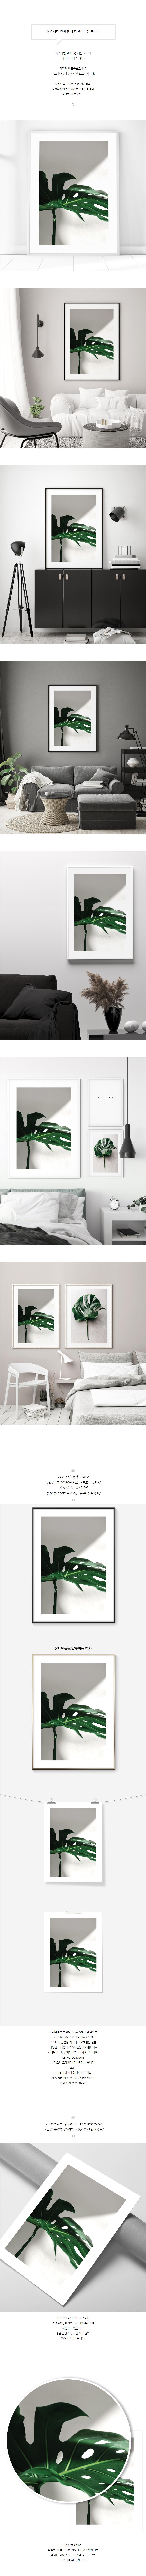 썬샤인 몬스테라 보테니컬 식물 그림 인테리어 액자 50x70 포스터 + 이케아액자38,800원-위드포스터인테리어, 액자/홈갤러리, 홈갤러리, 보테니컬아트바보사랑썬샤인 몬스테라 보테니컬 식물 그림 인테리어 액자 50x70 포스터 + 이케아액자38,800원-위드포스터인테리어, 액자/홈갤러리, 홈갤러리, 보테니컬아트바보사랑